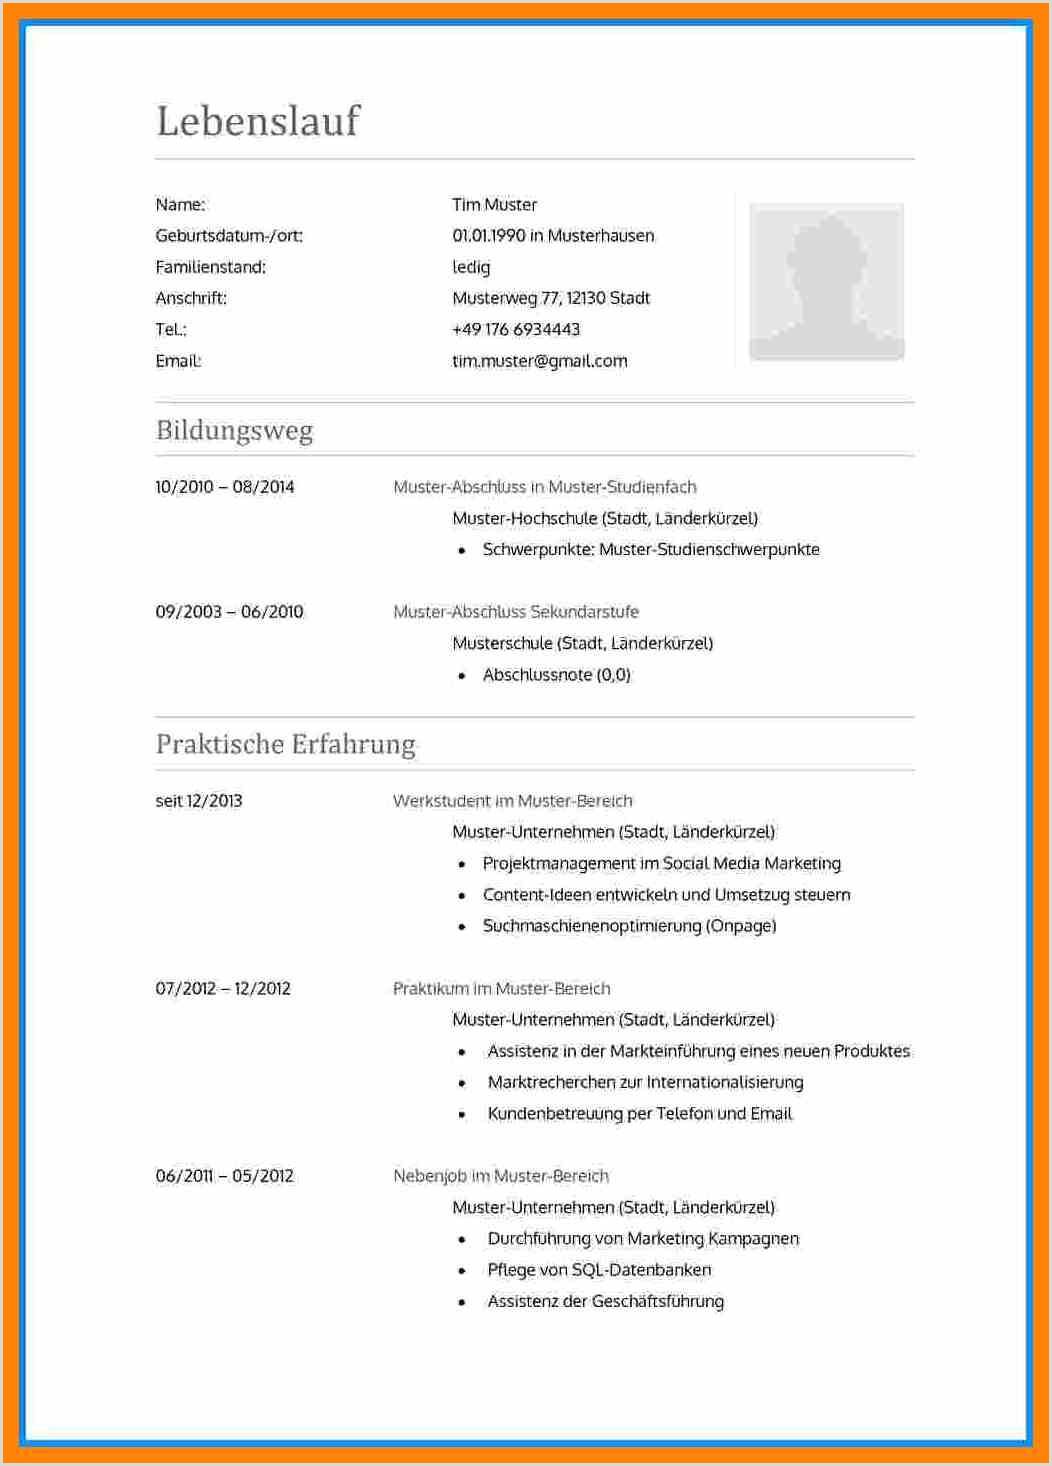 Lebenslauf Muster Verwaltungsfachangestellte 12 Bewerbung Stadtverwaltung Muster